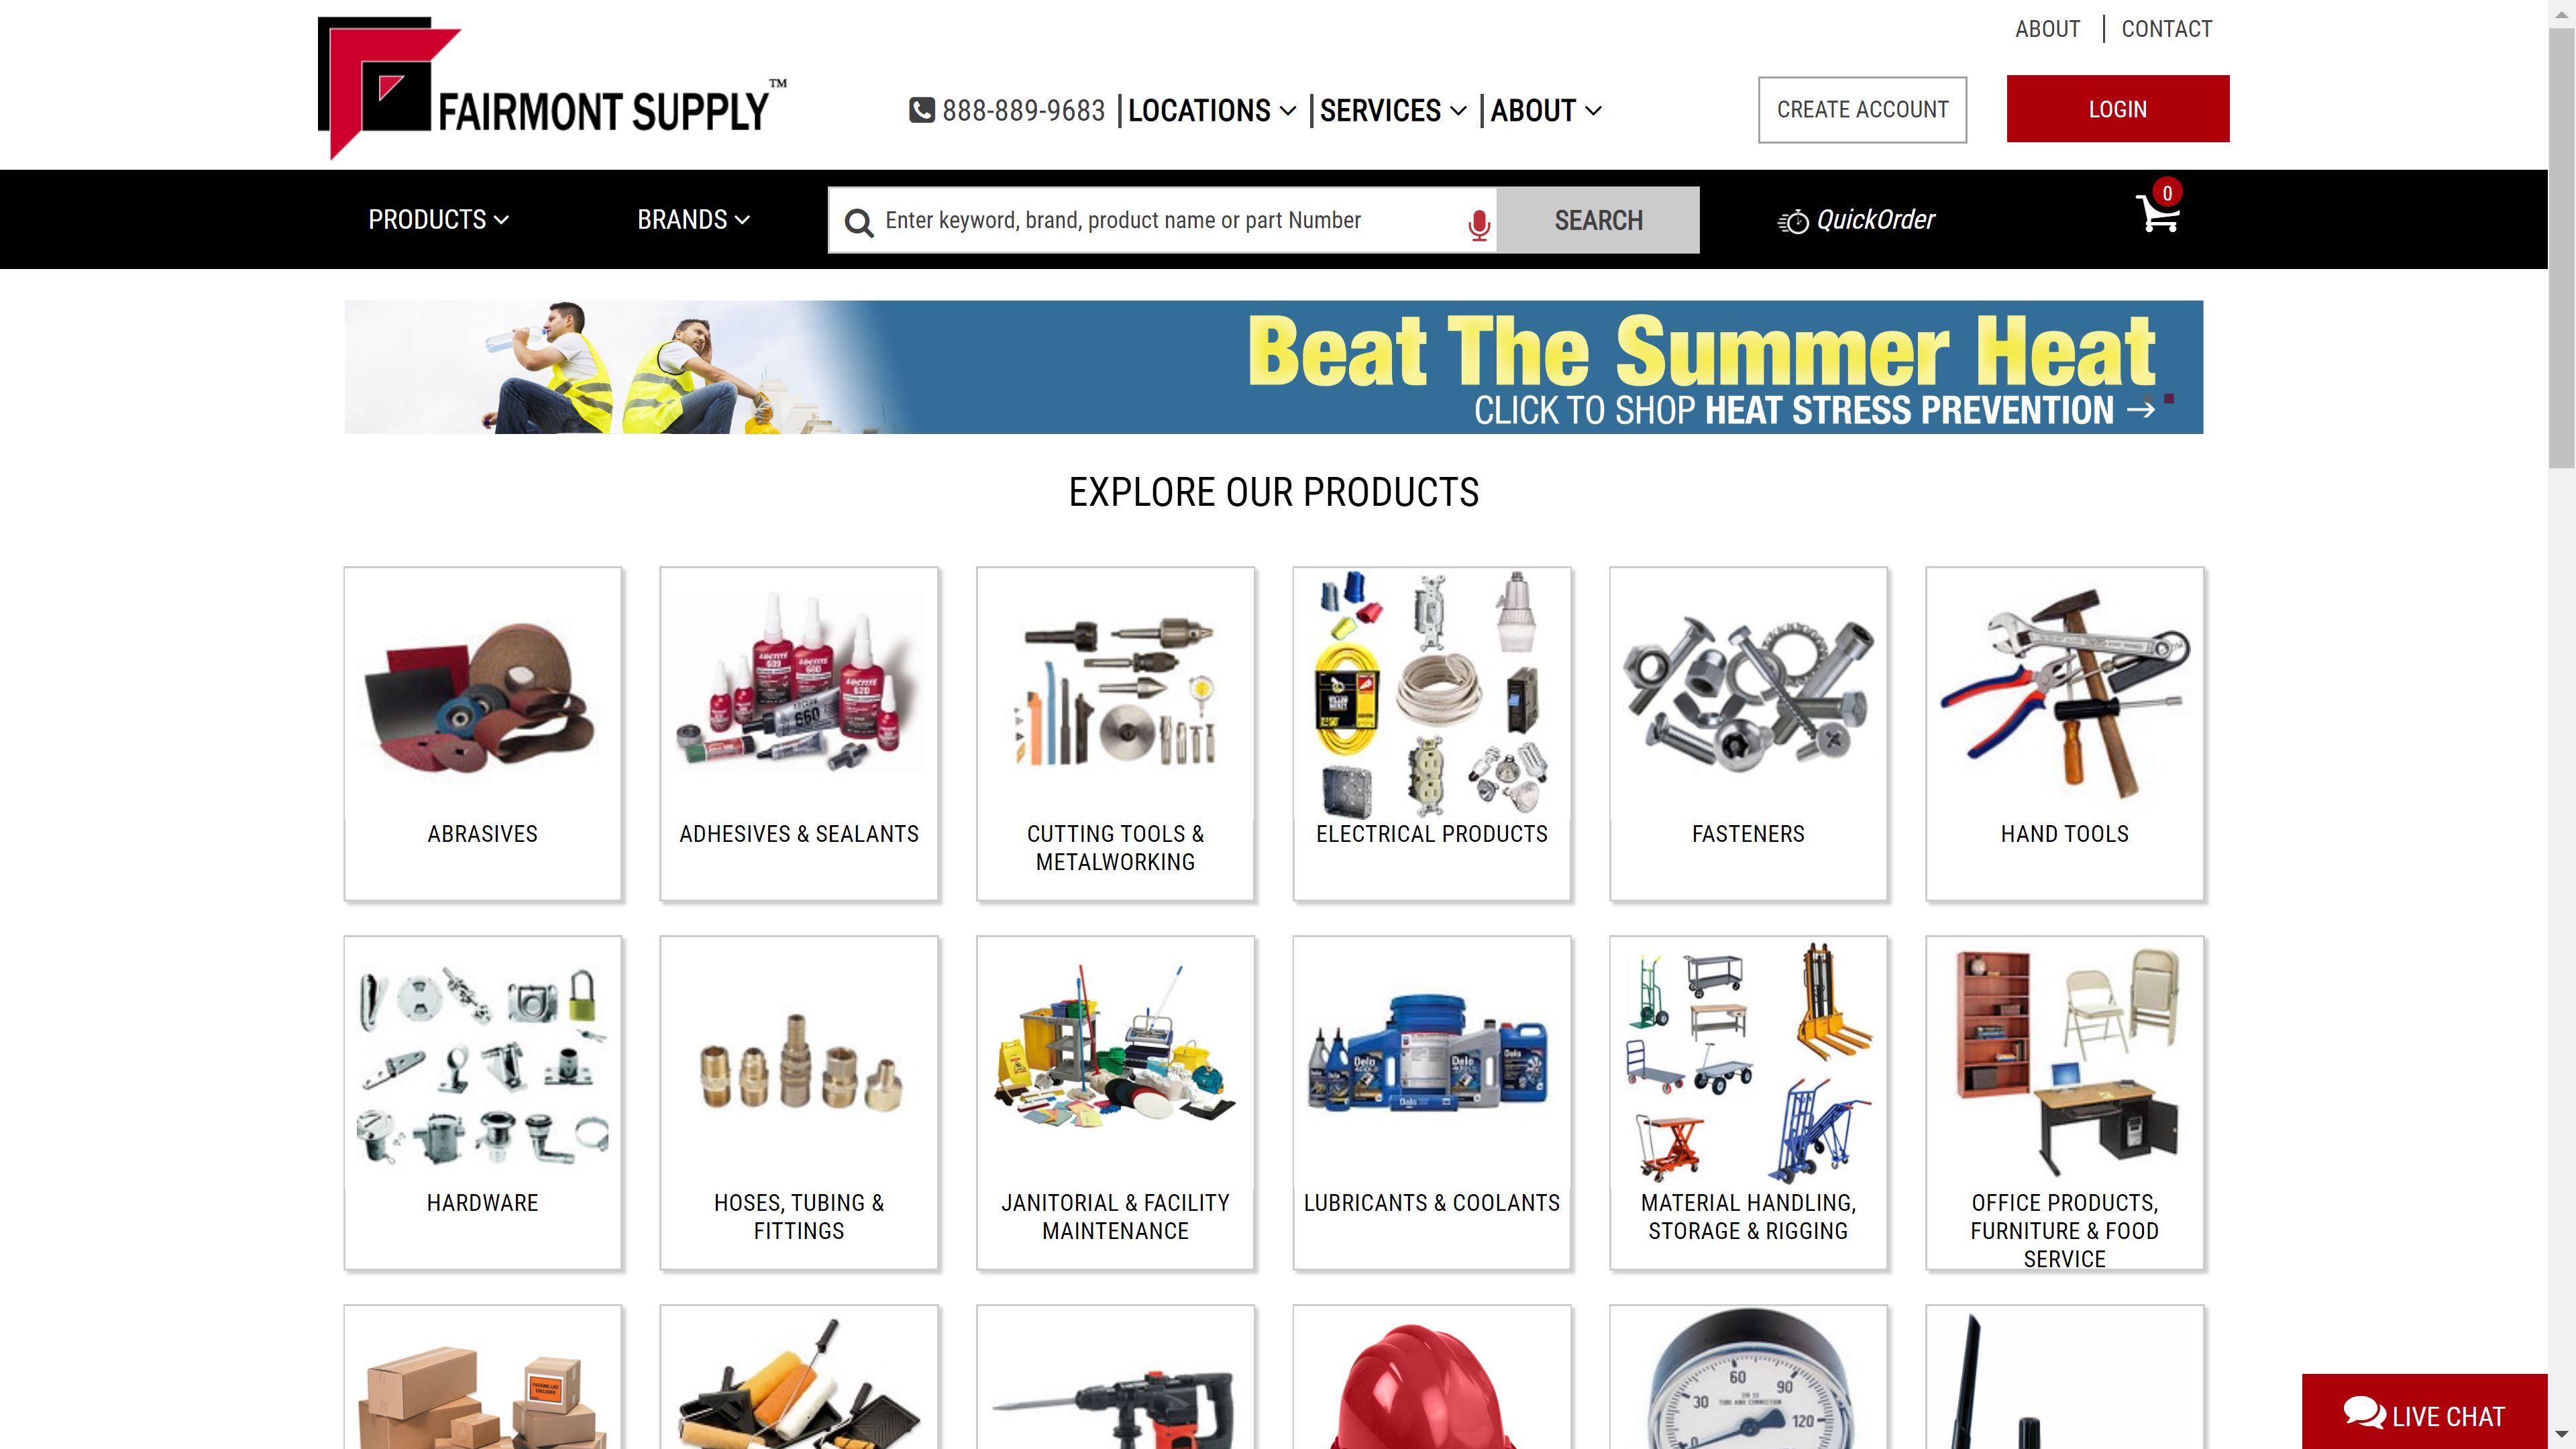 Fairmont Supply site